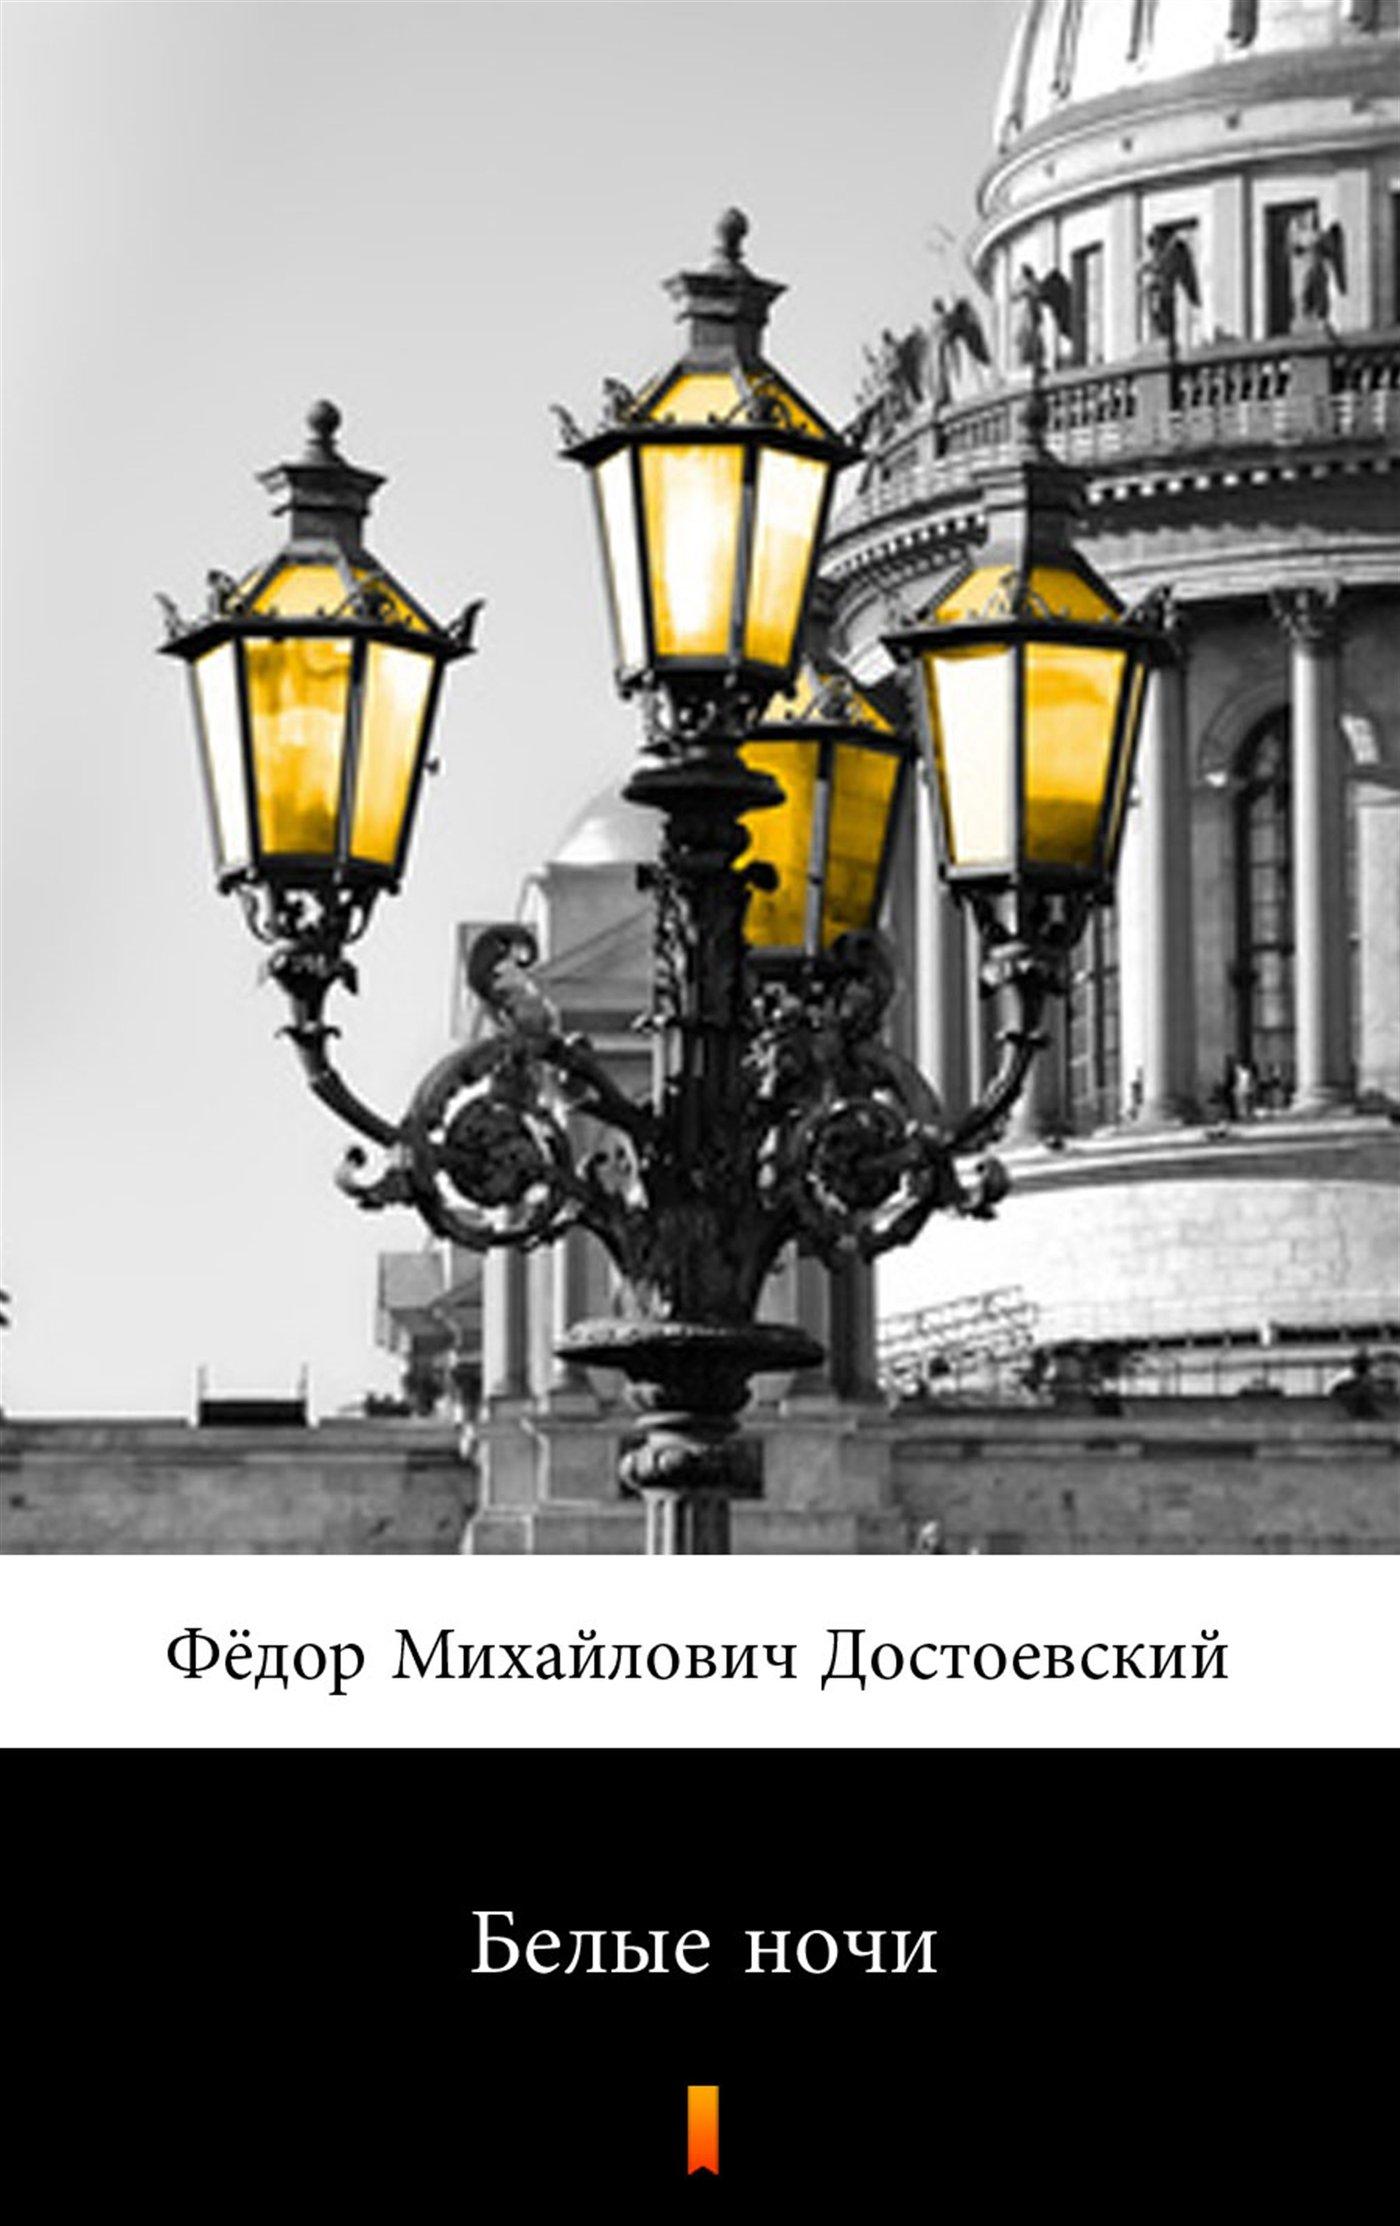 Белые ночи - Ebook (Książka na Kindle) do pobrania w formacie MOBI